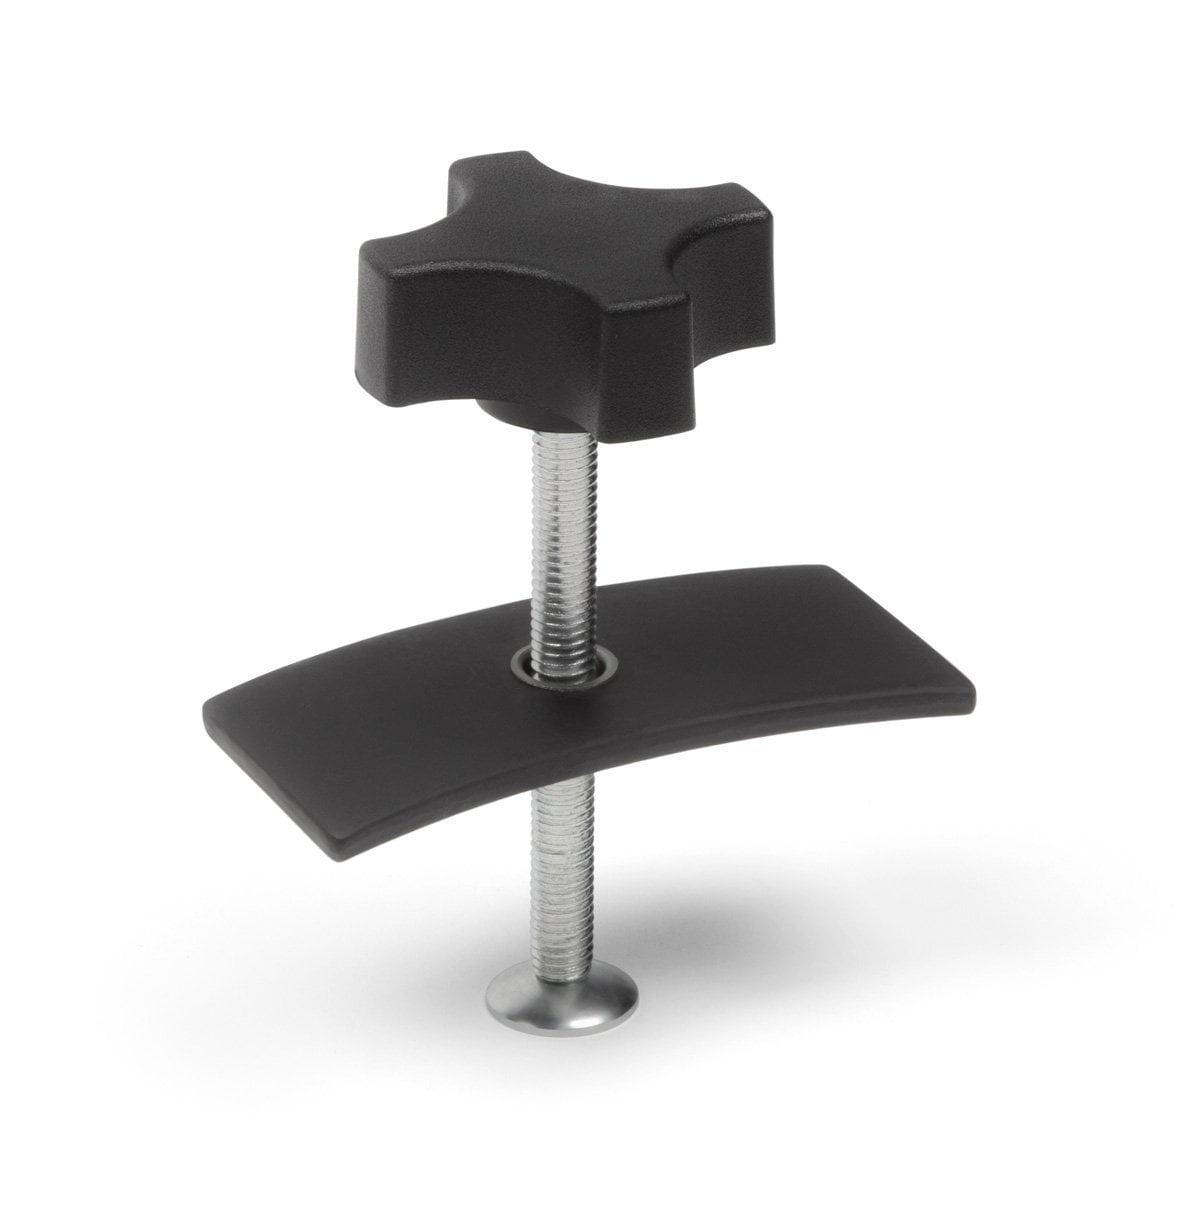 Sold by Ucostore Only Shop-Tek Disc Brake Pad Spreader Tool CAPBPS